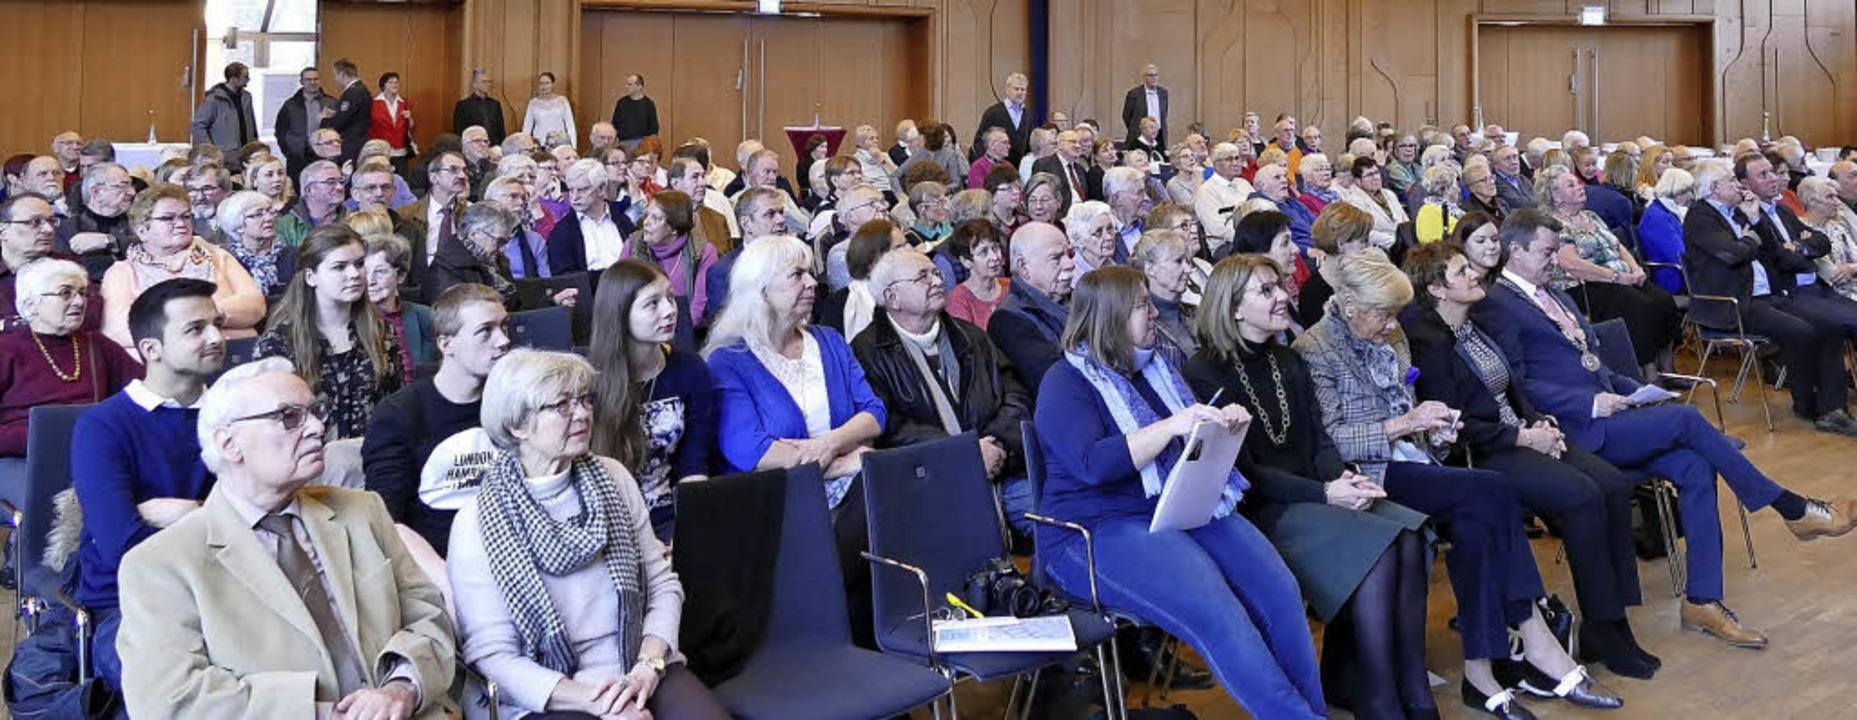 Rund 250 Gäste hörten der Musik und der Rede des Bürgermeisters im Kursaal zu.     Foto: Susanne Müller